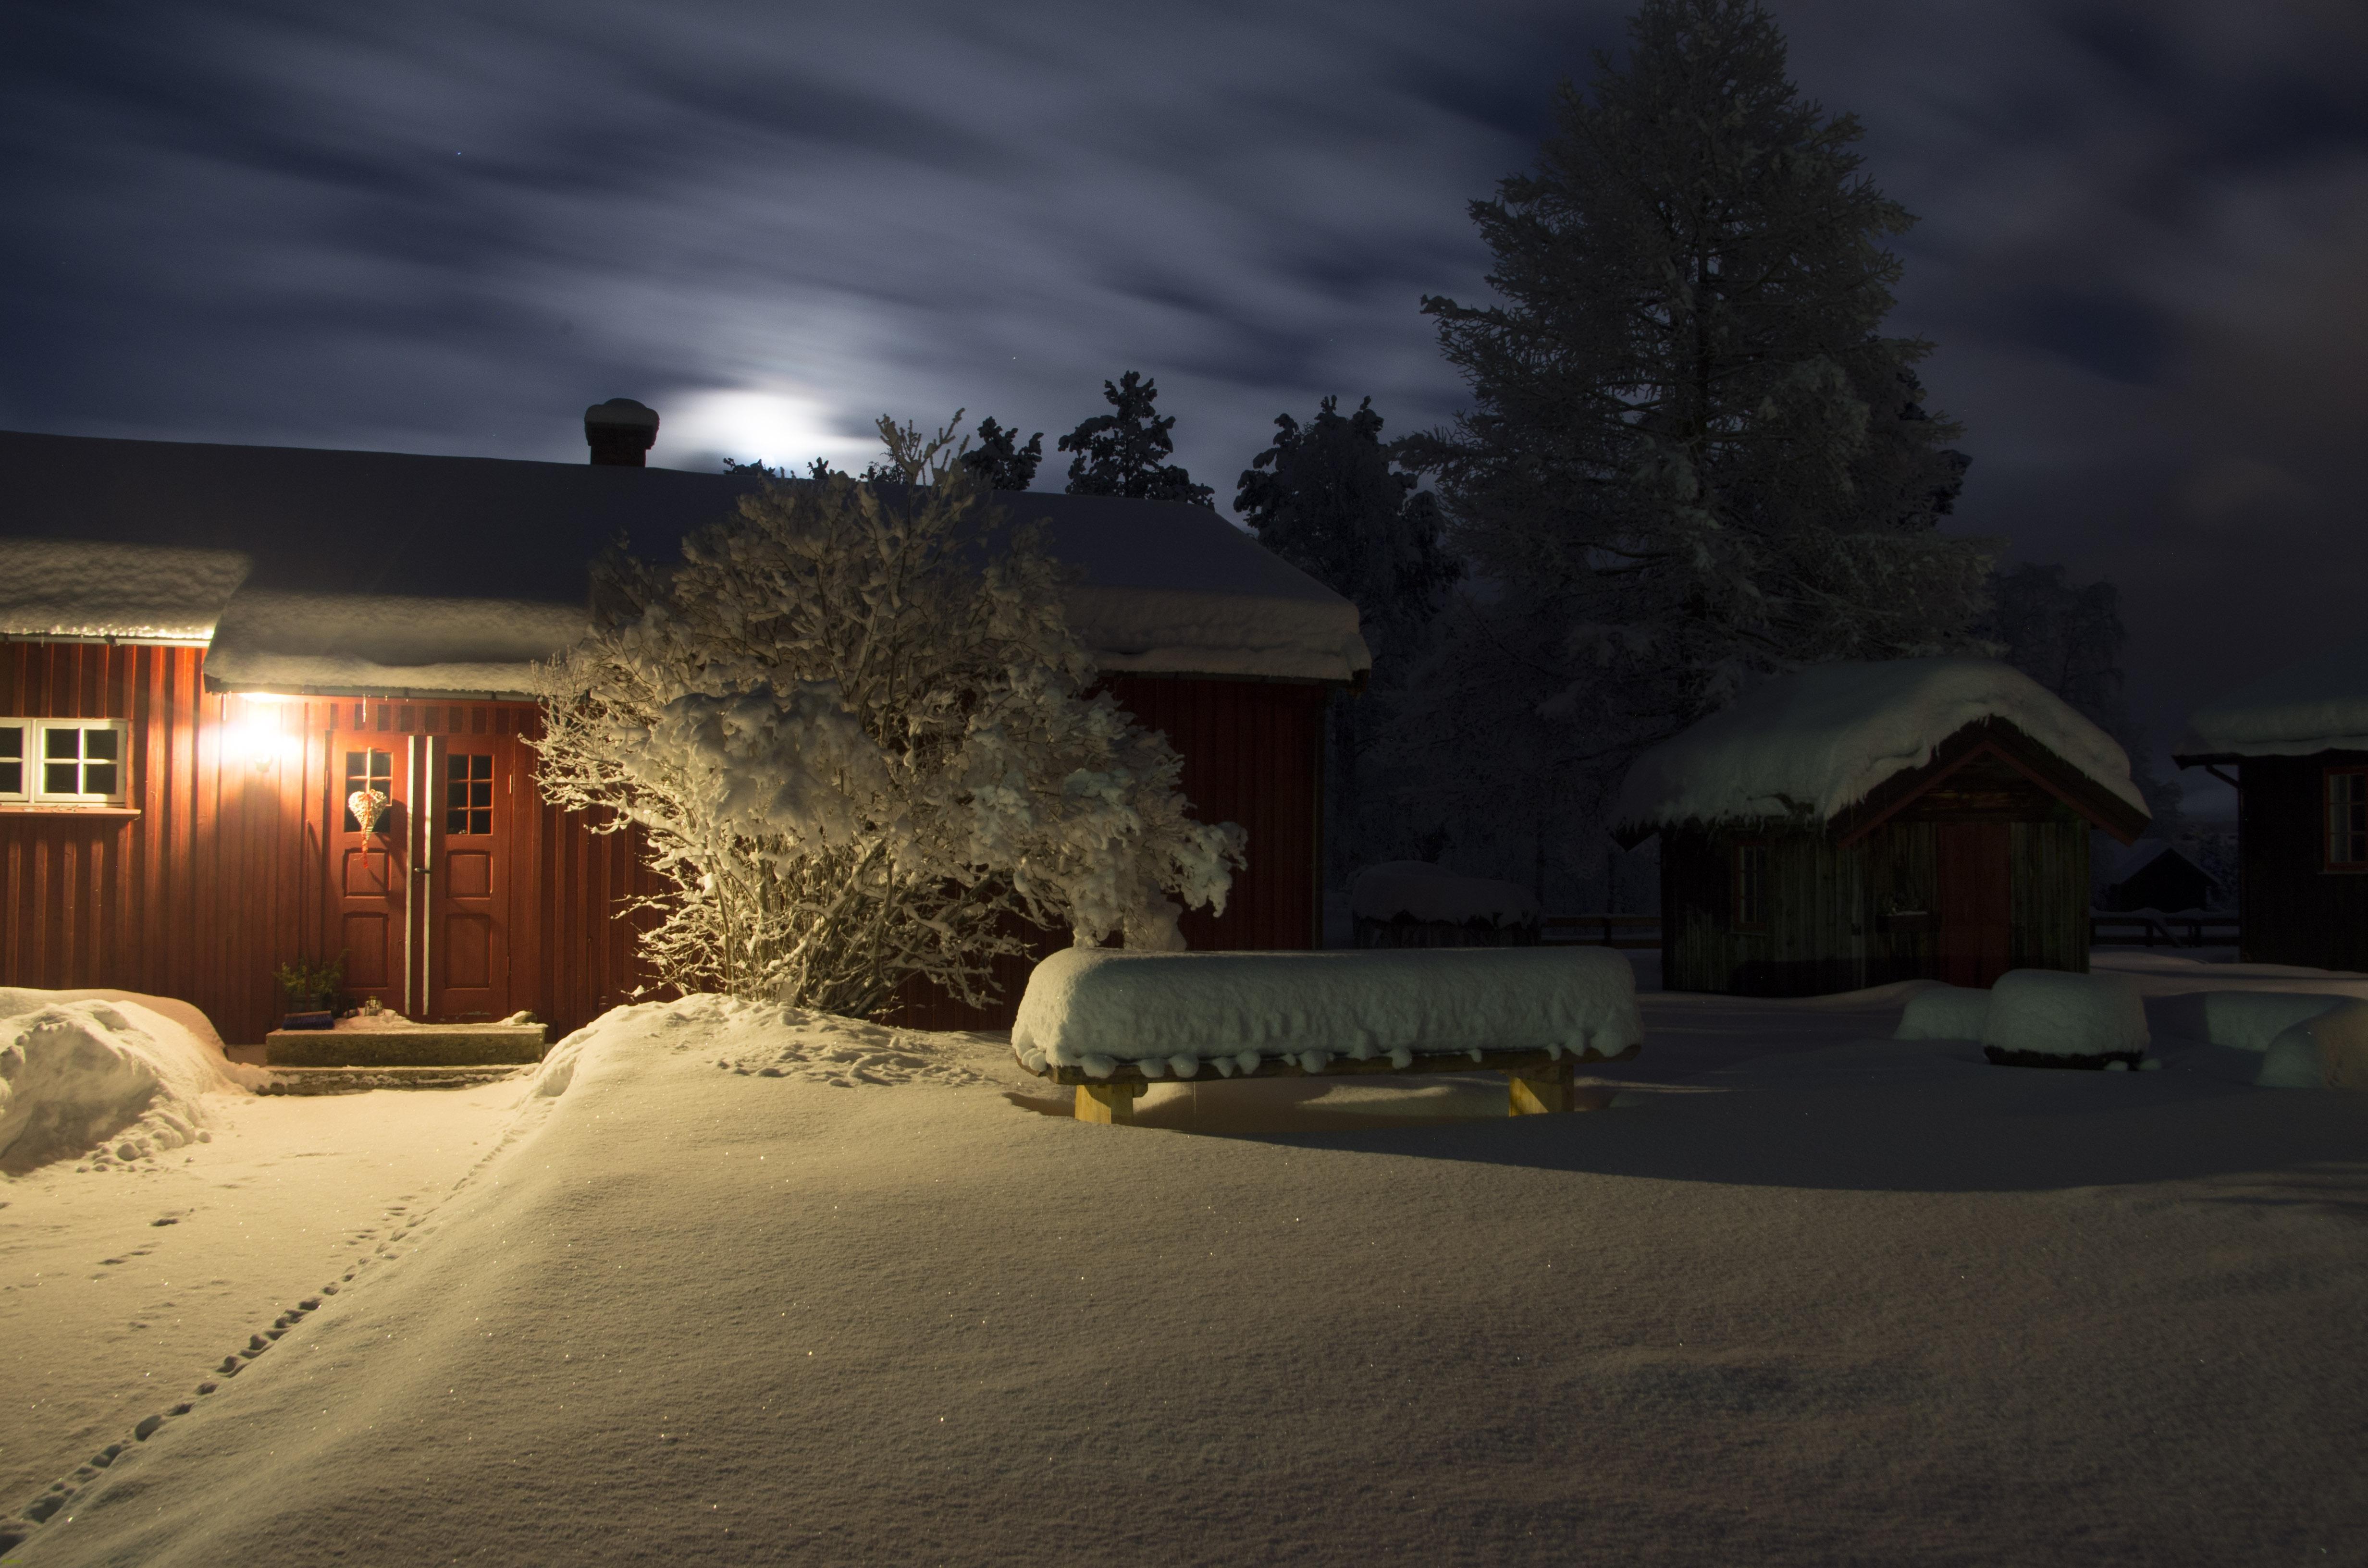 Måneskinnskveld i desember 2016